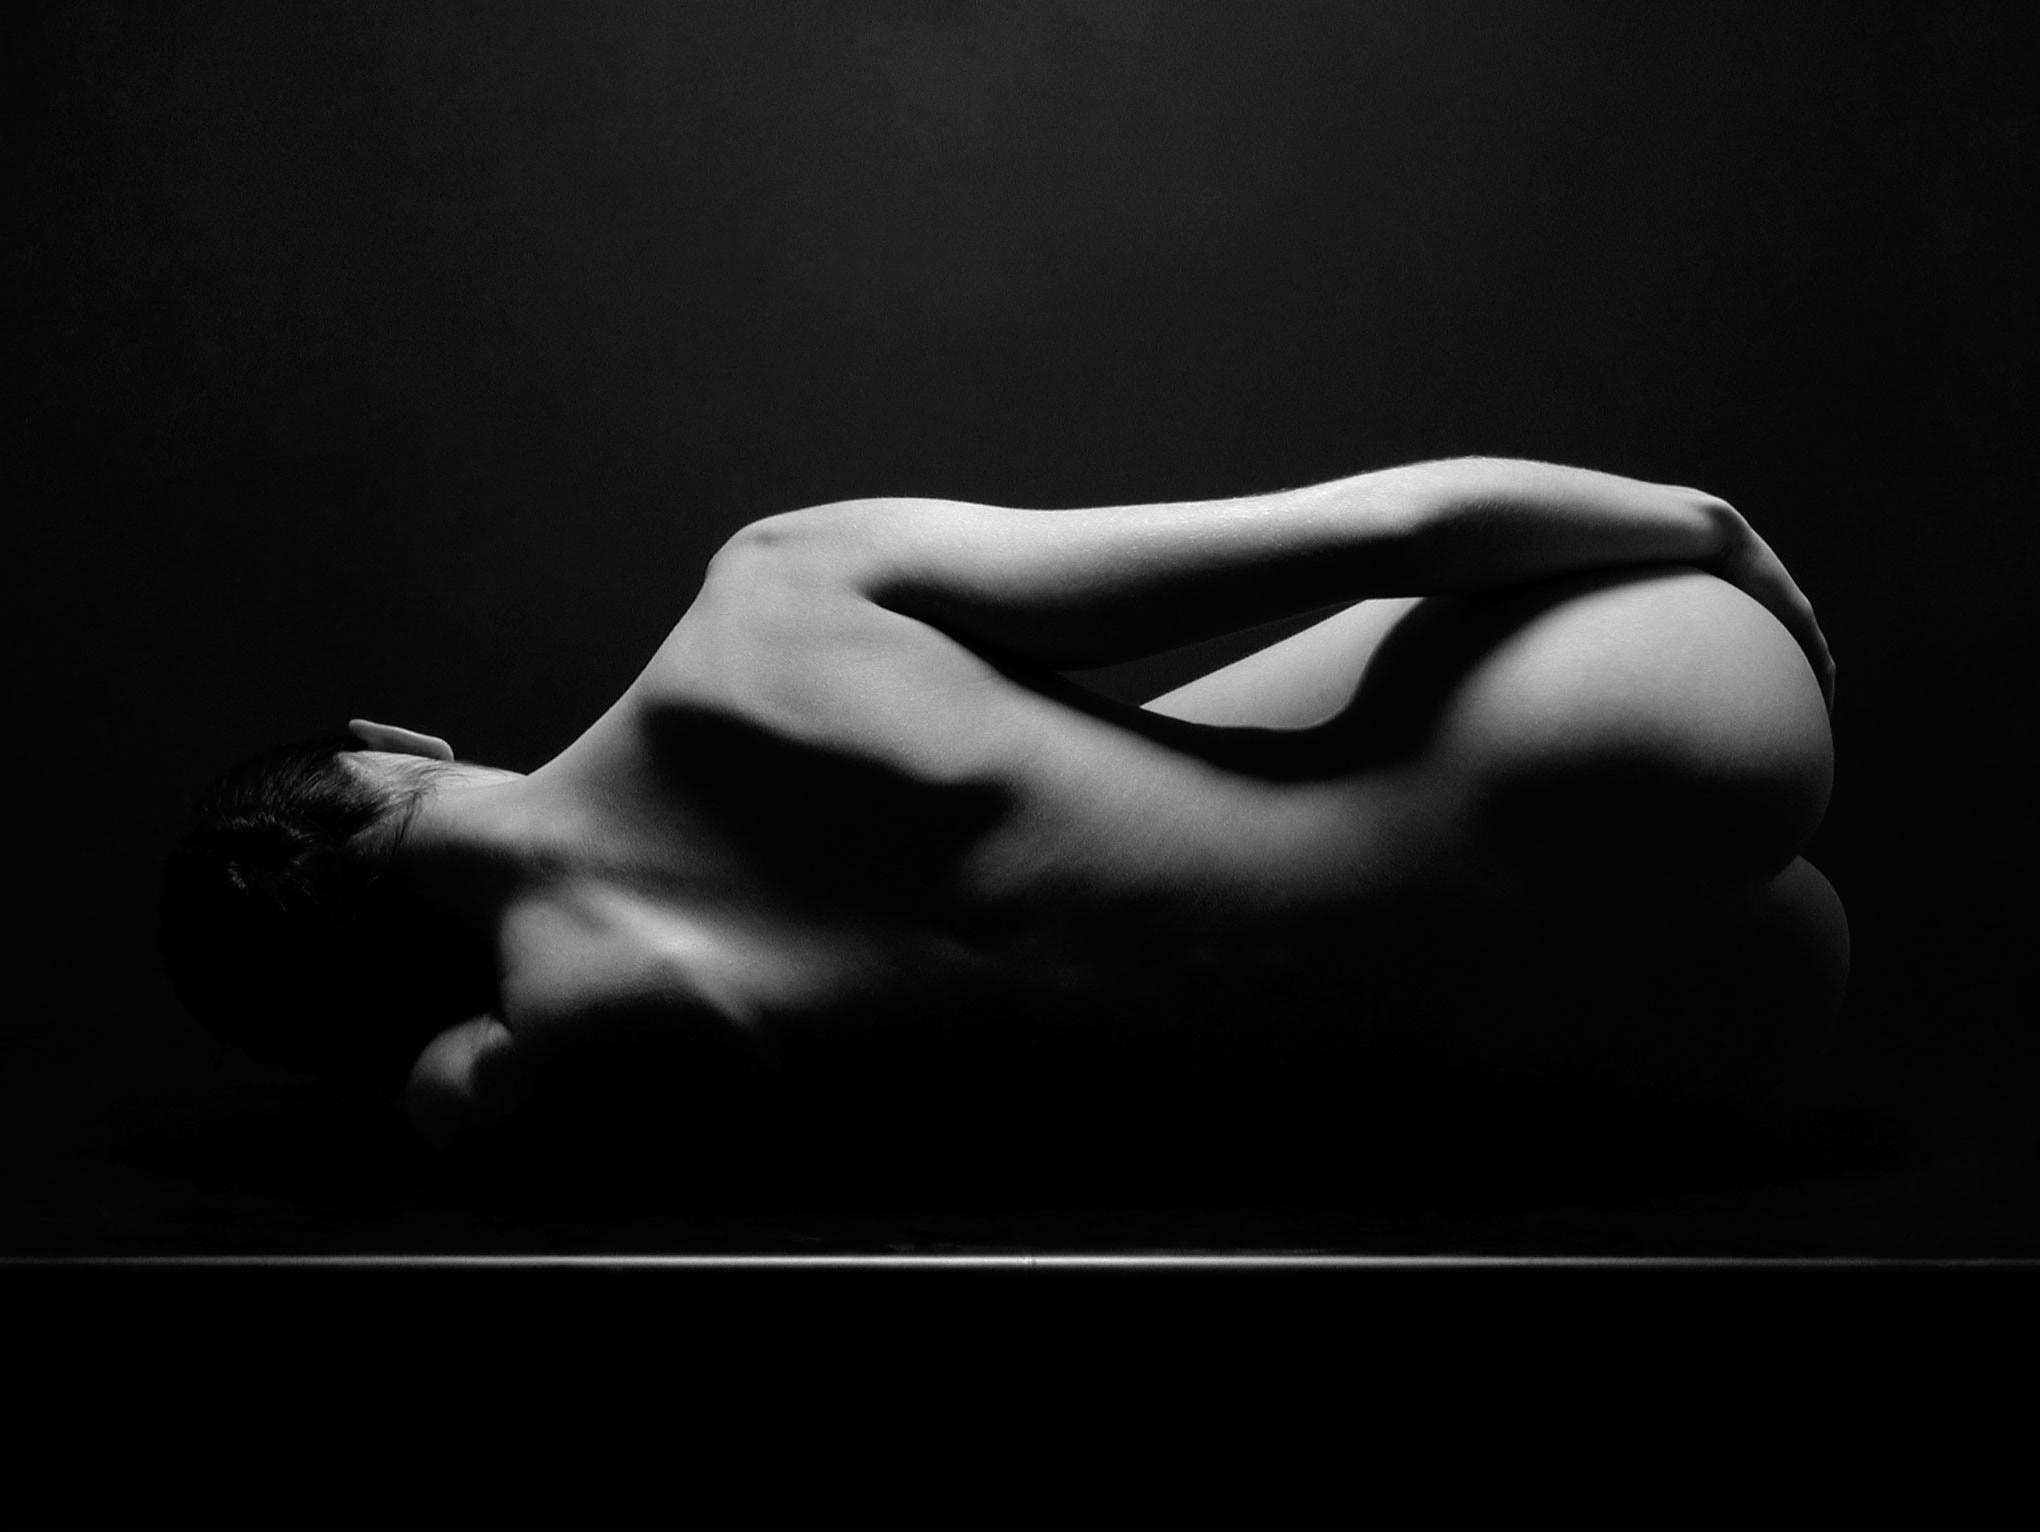 Эротическое искусство чёрно белое фото женщин 16 фотография